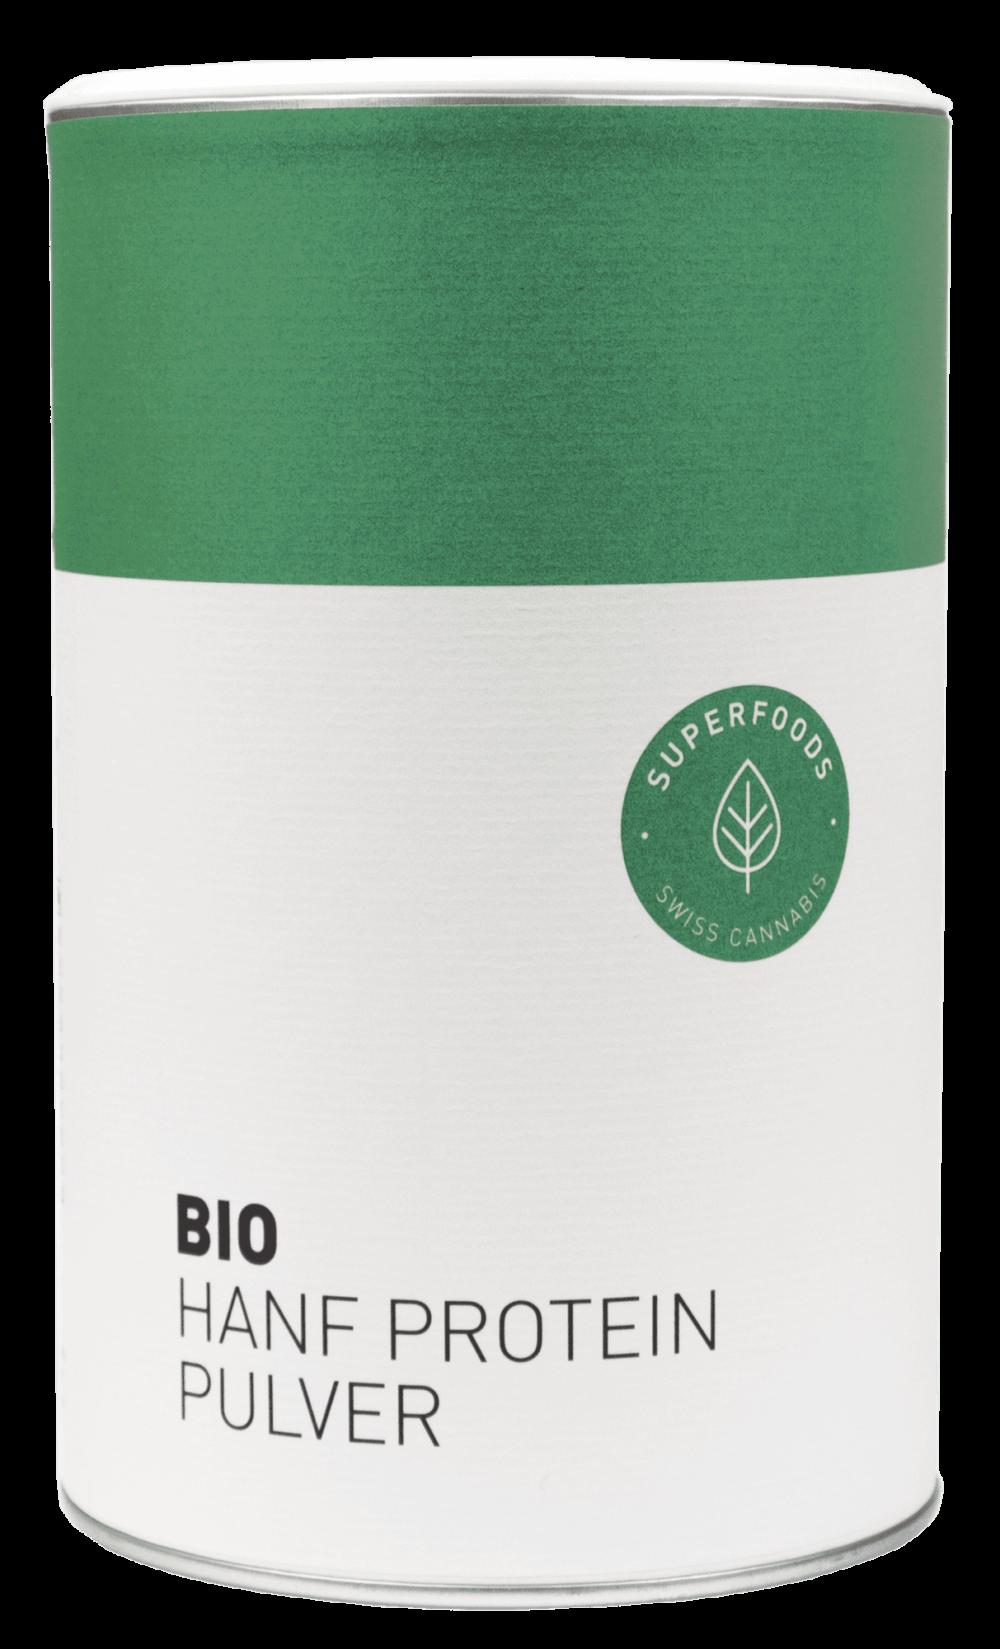 Bio Hanf Protein Pulver CBD Hanf Schweiz online kaufen